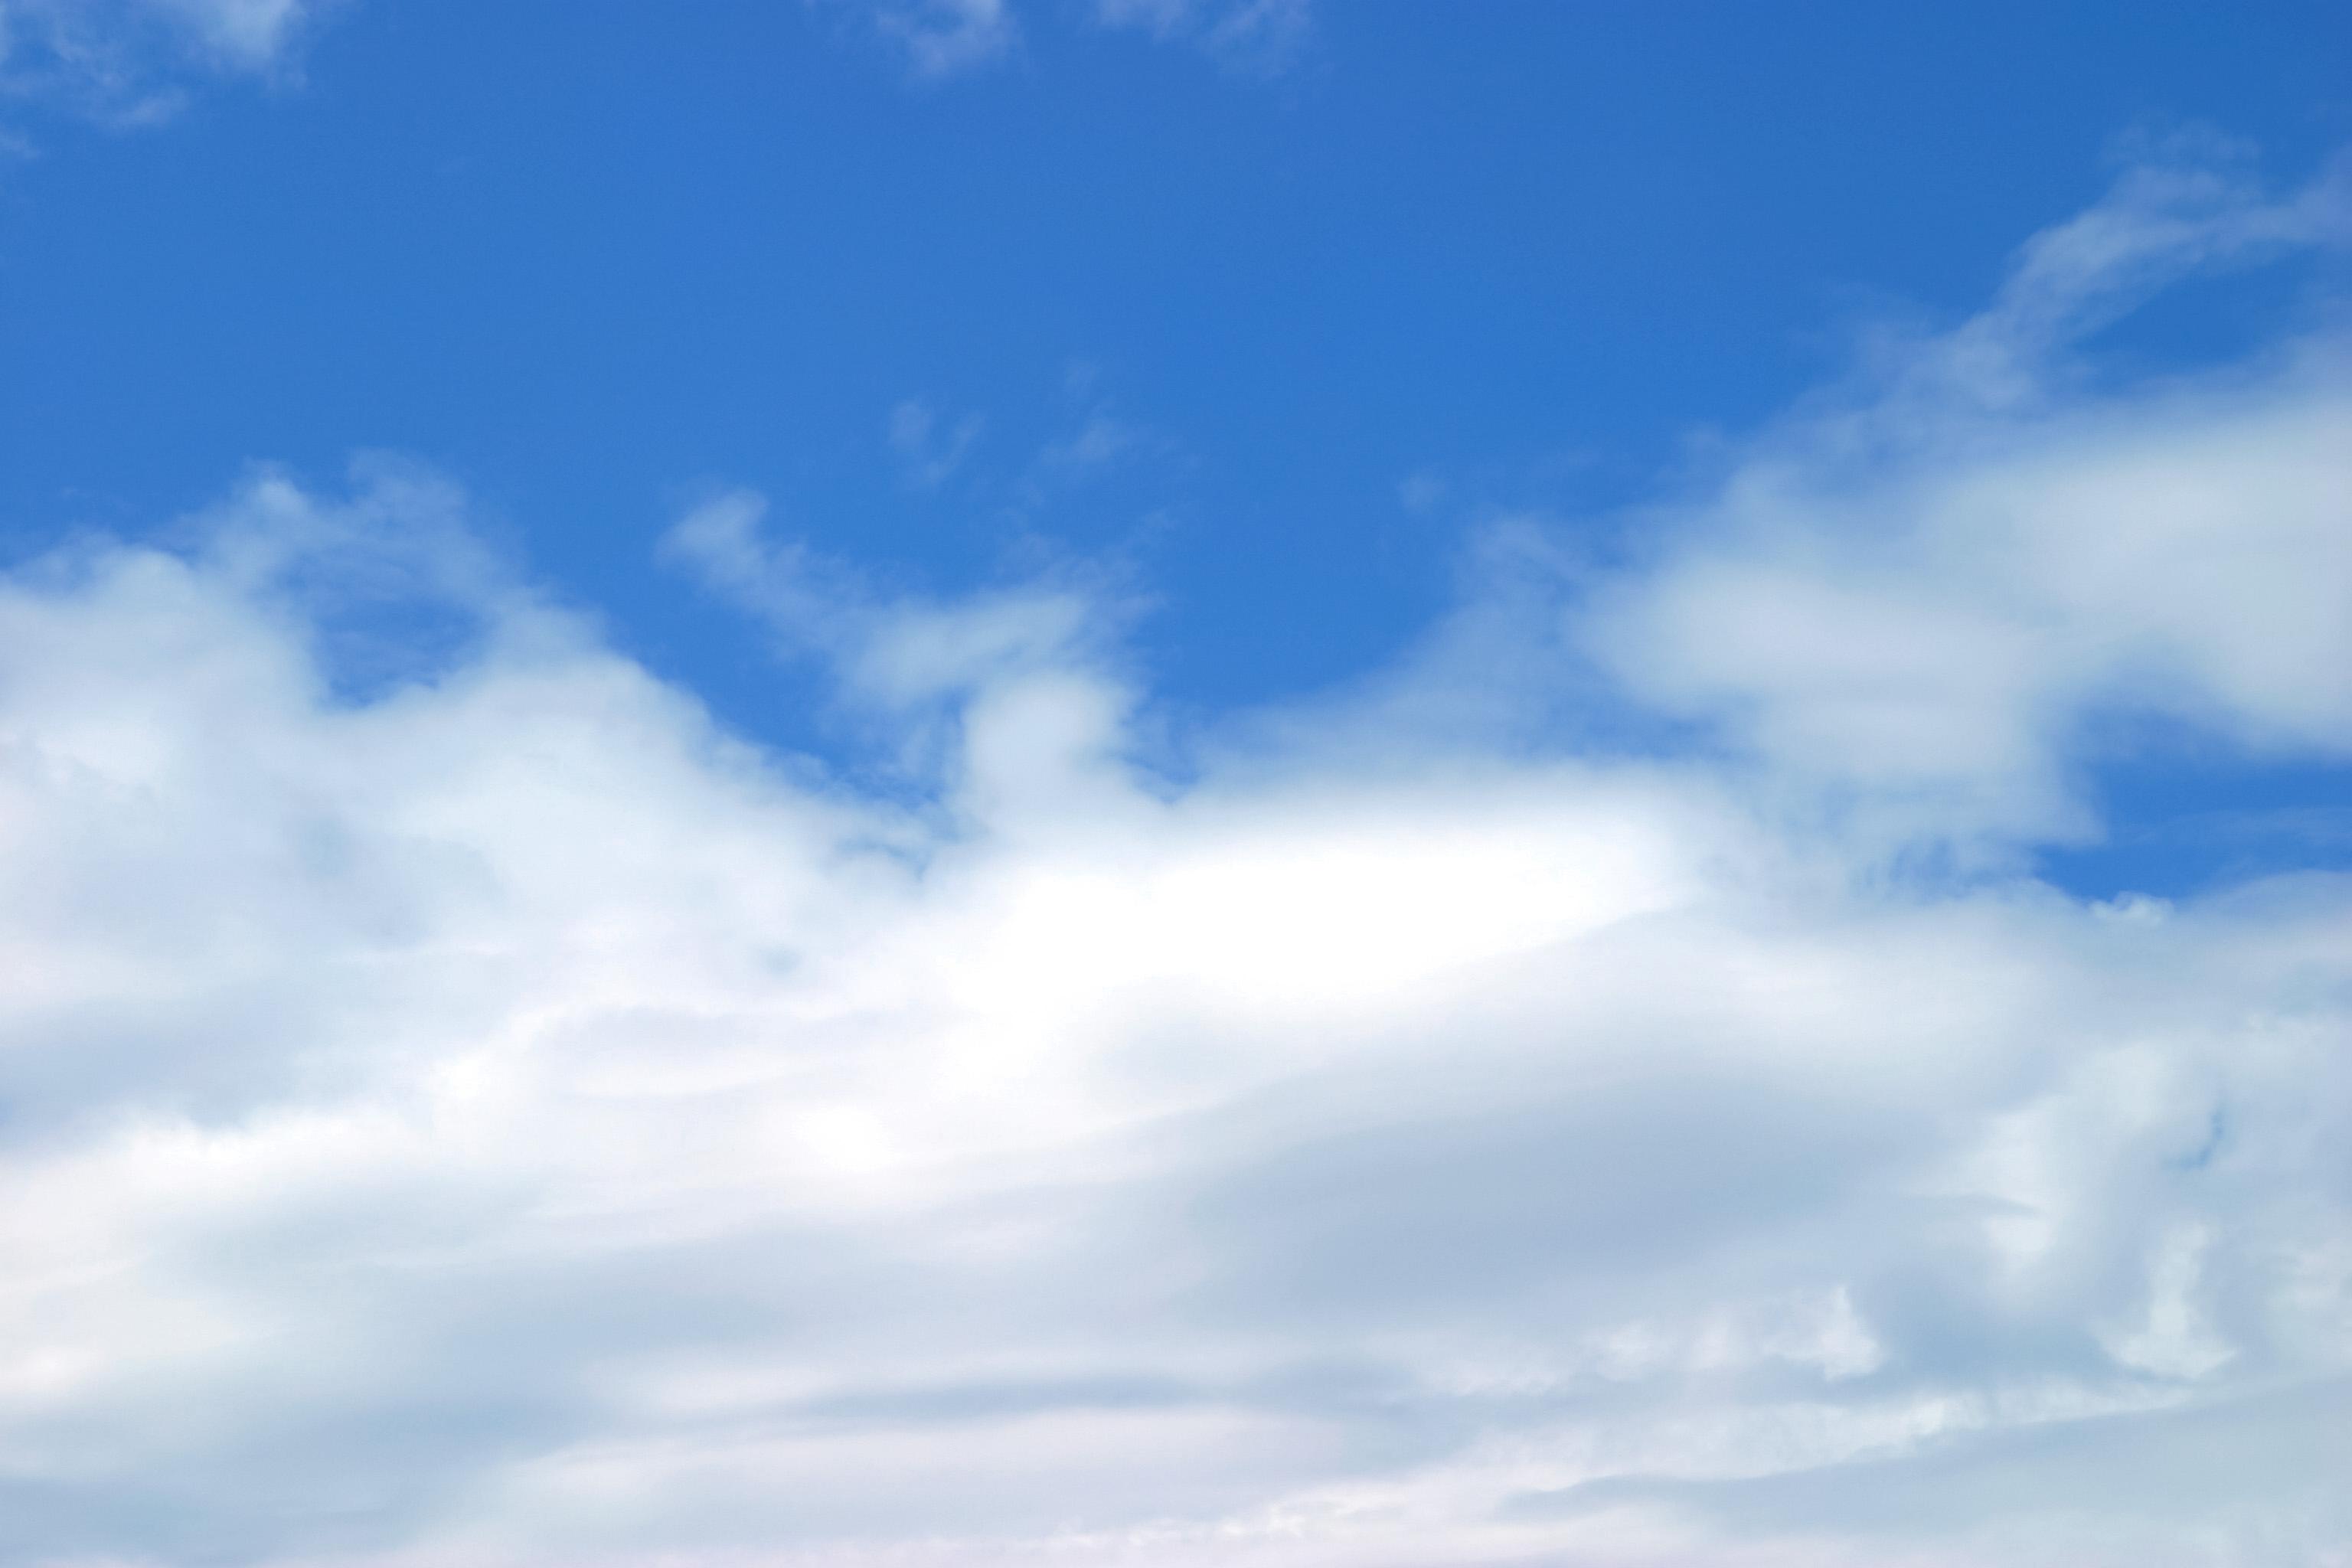 綿菓子のような雲 Free Photos L/RGB/JPEG/350dpi